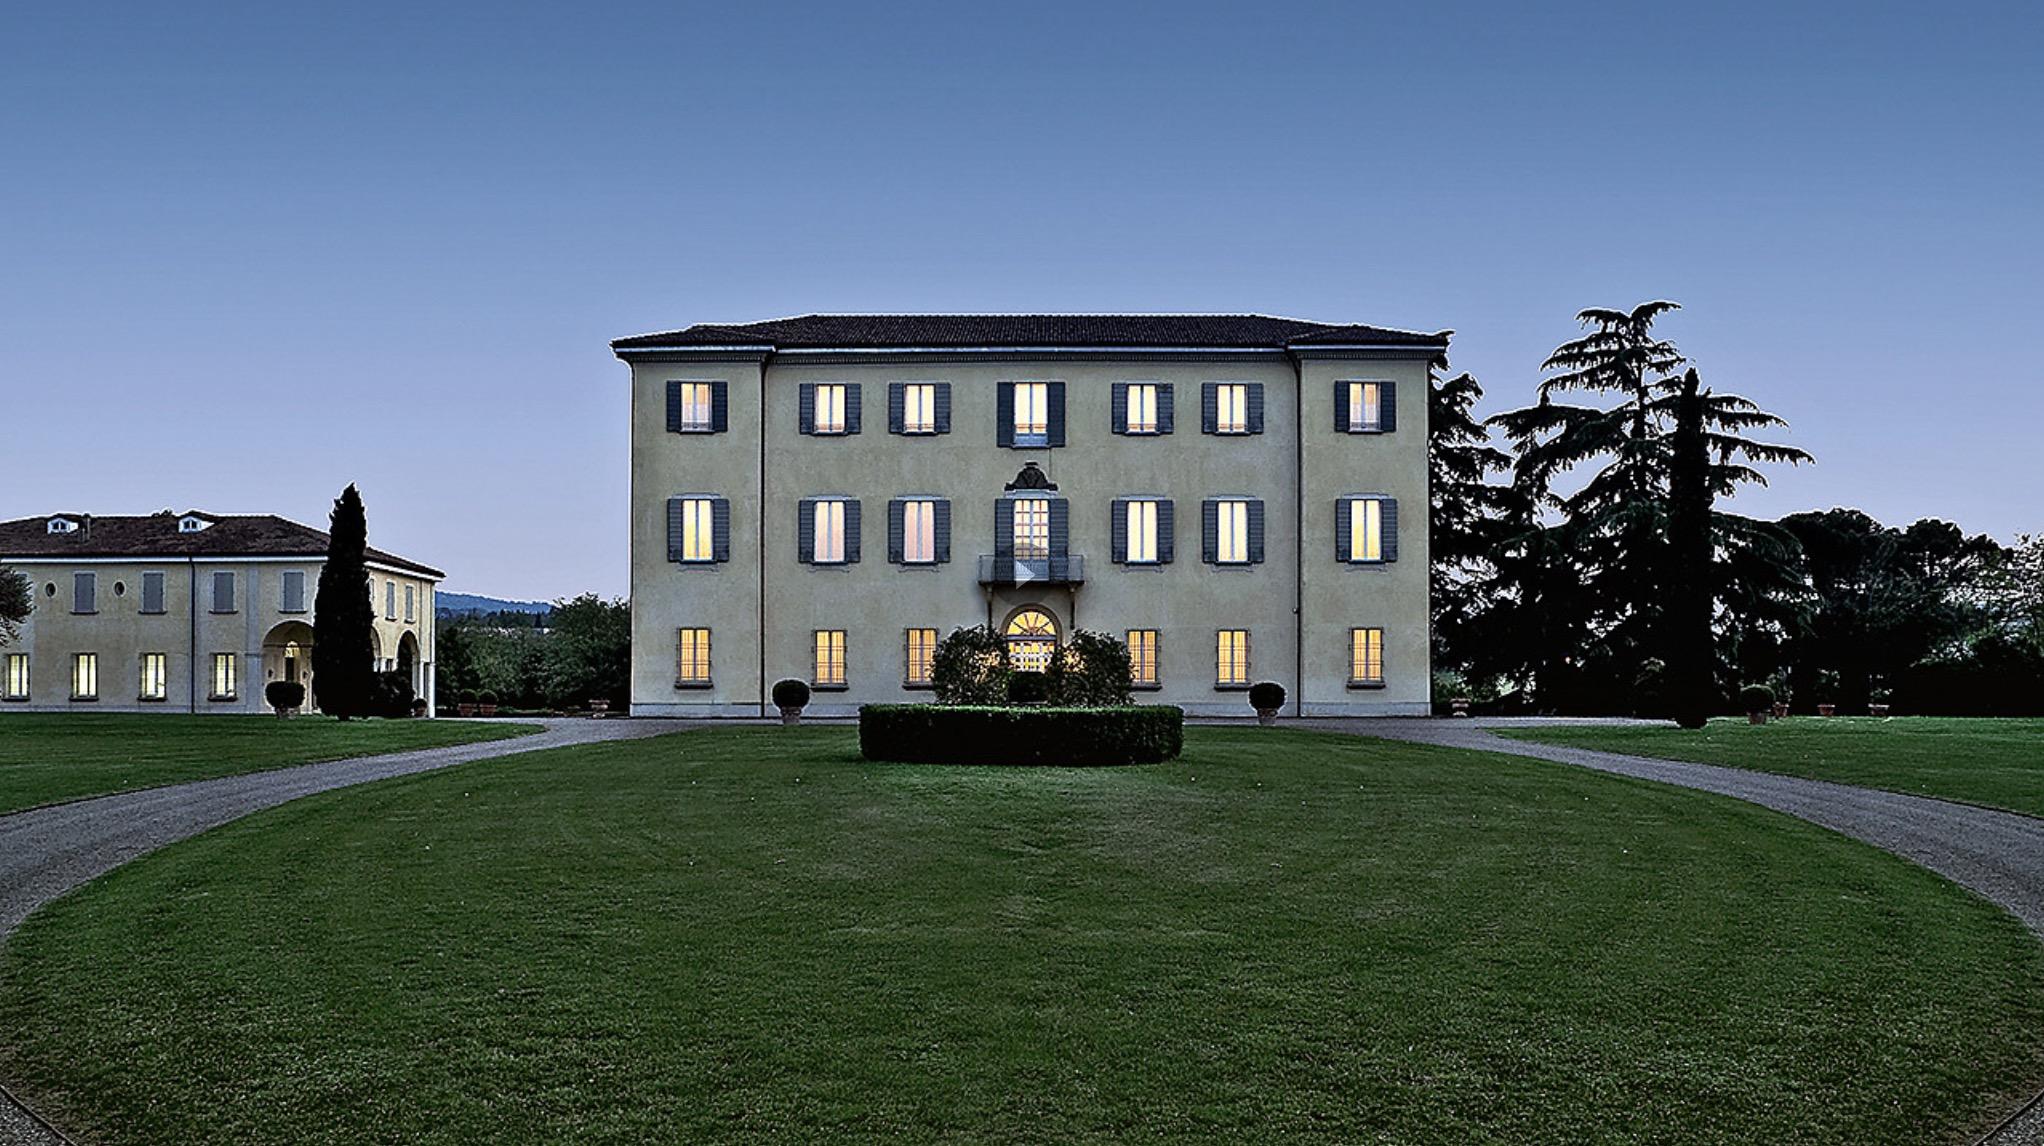 Furla Headquarters